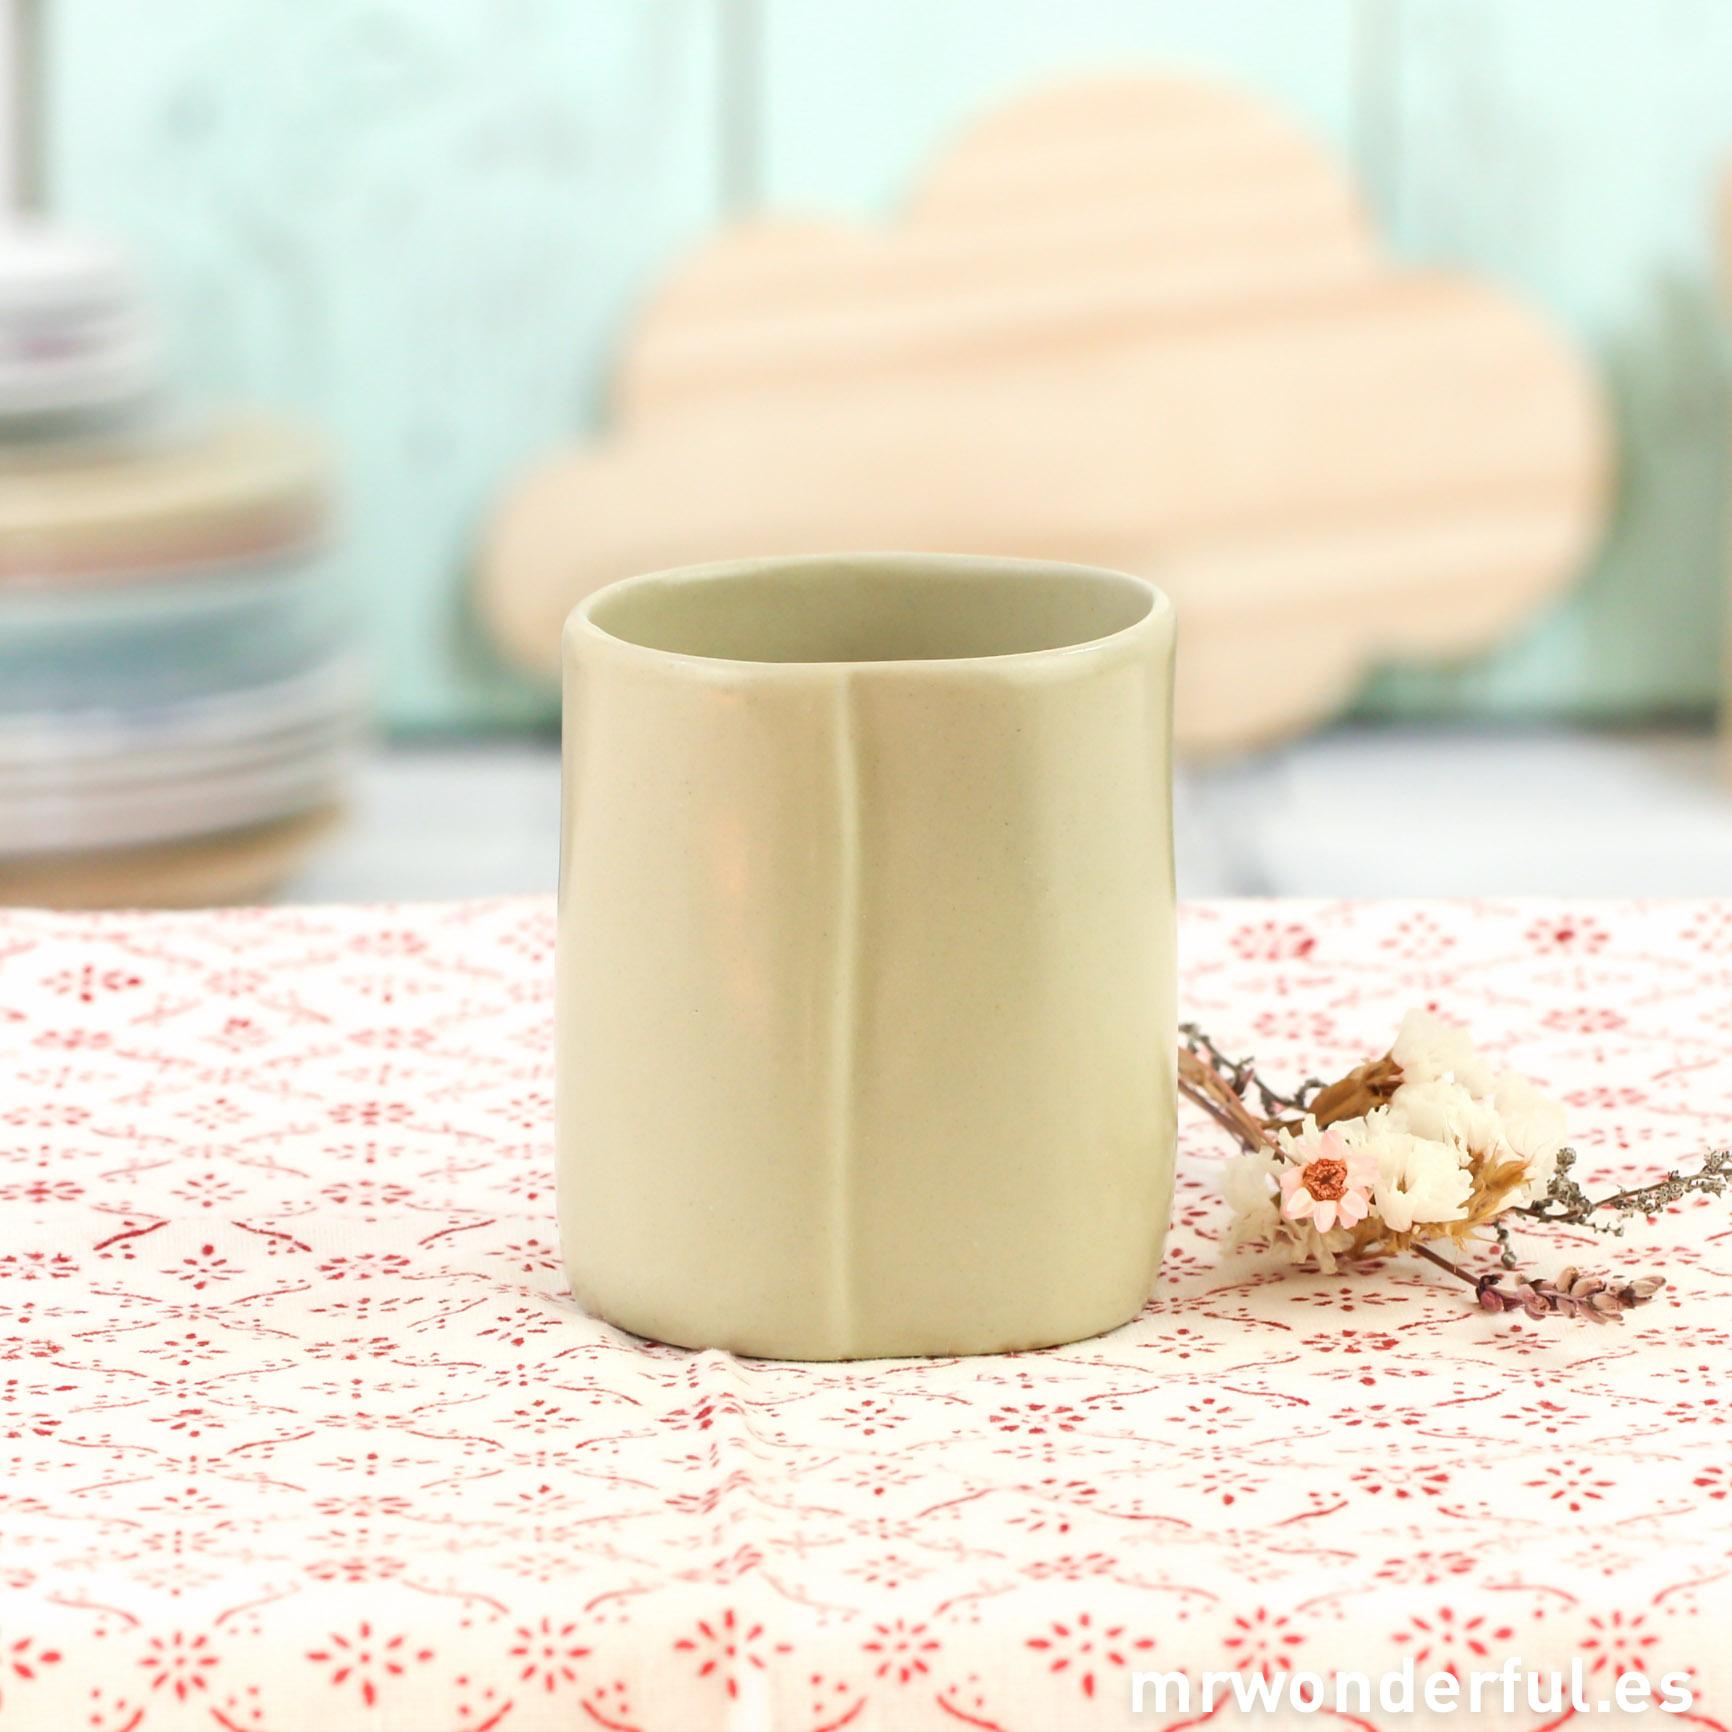 mrwonderful_047779_vaso-ceramica-gris-1